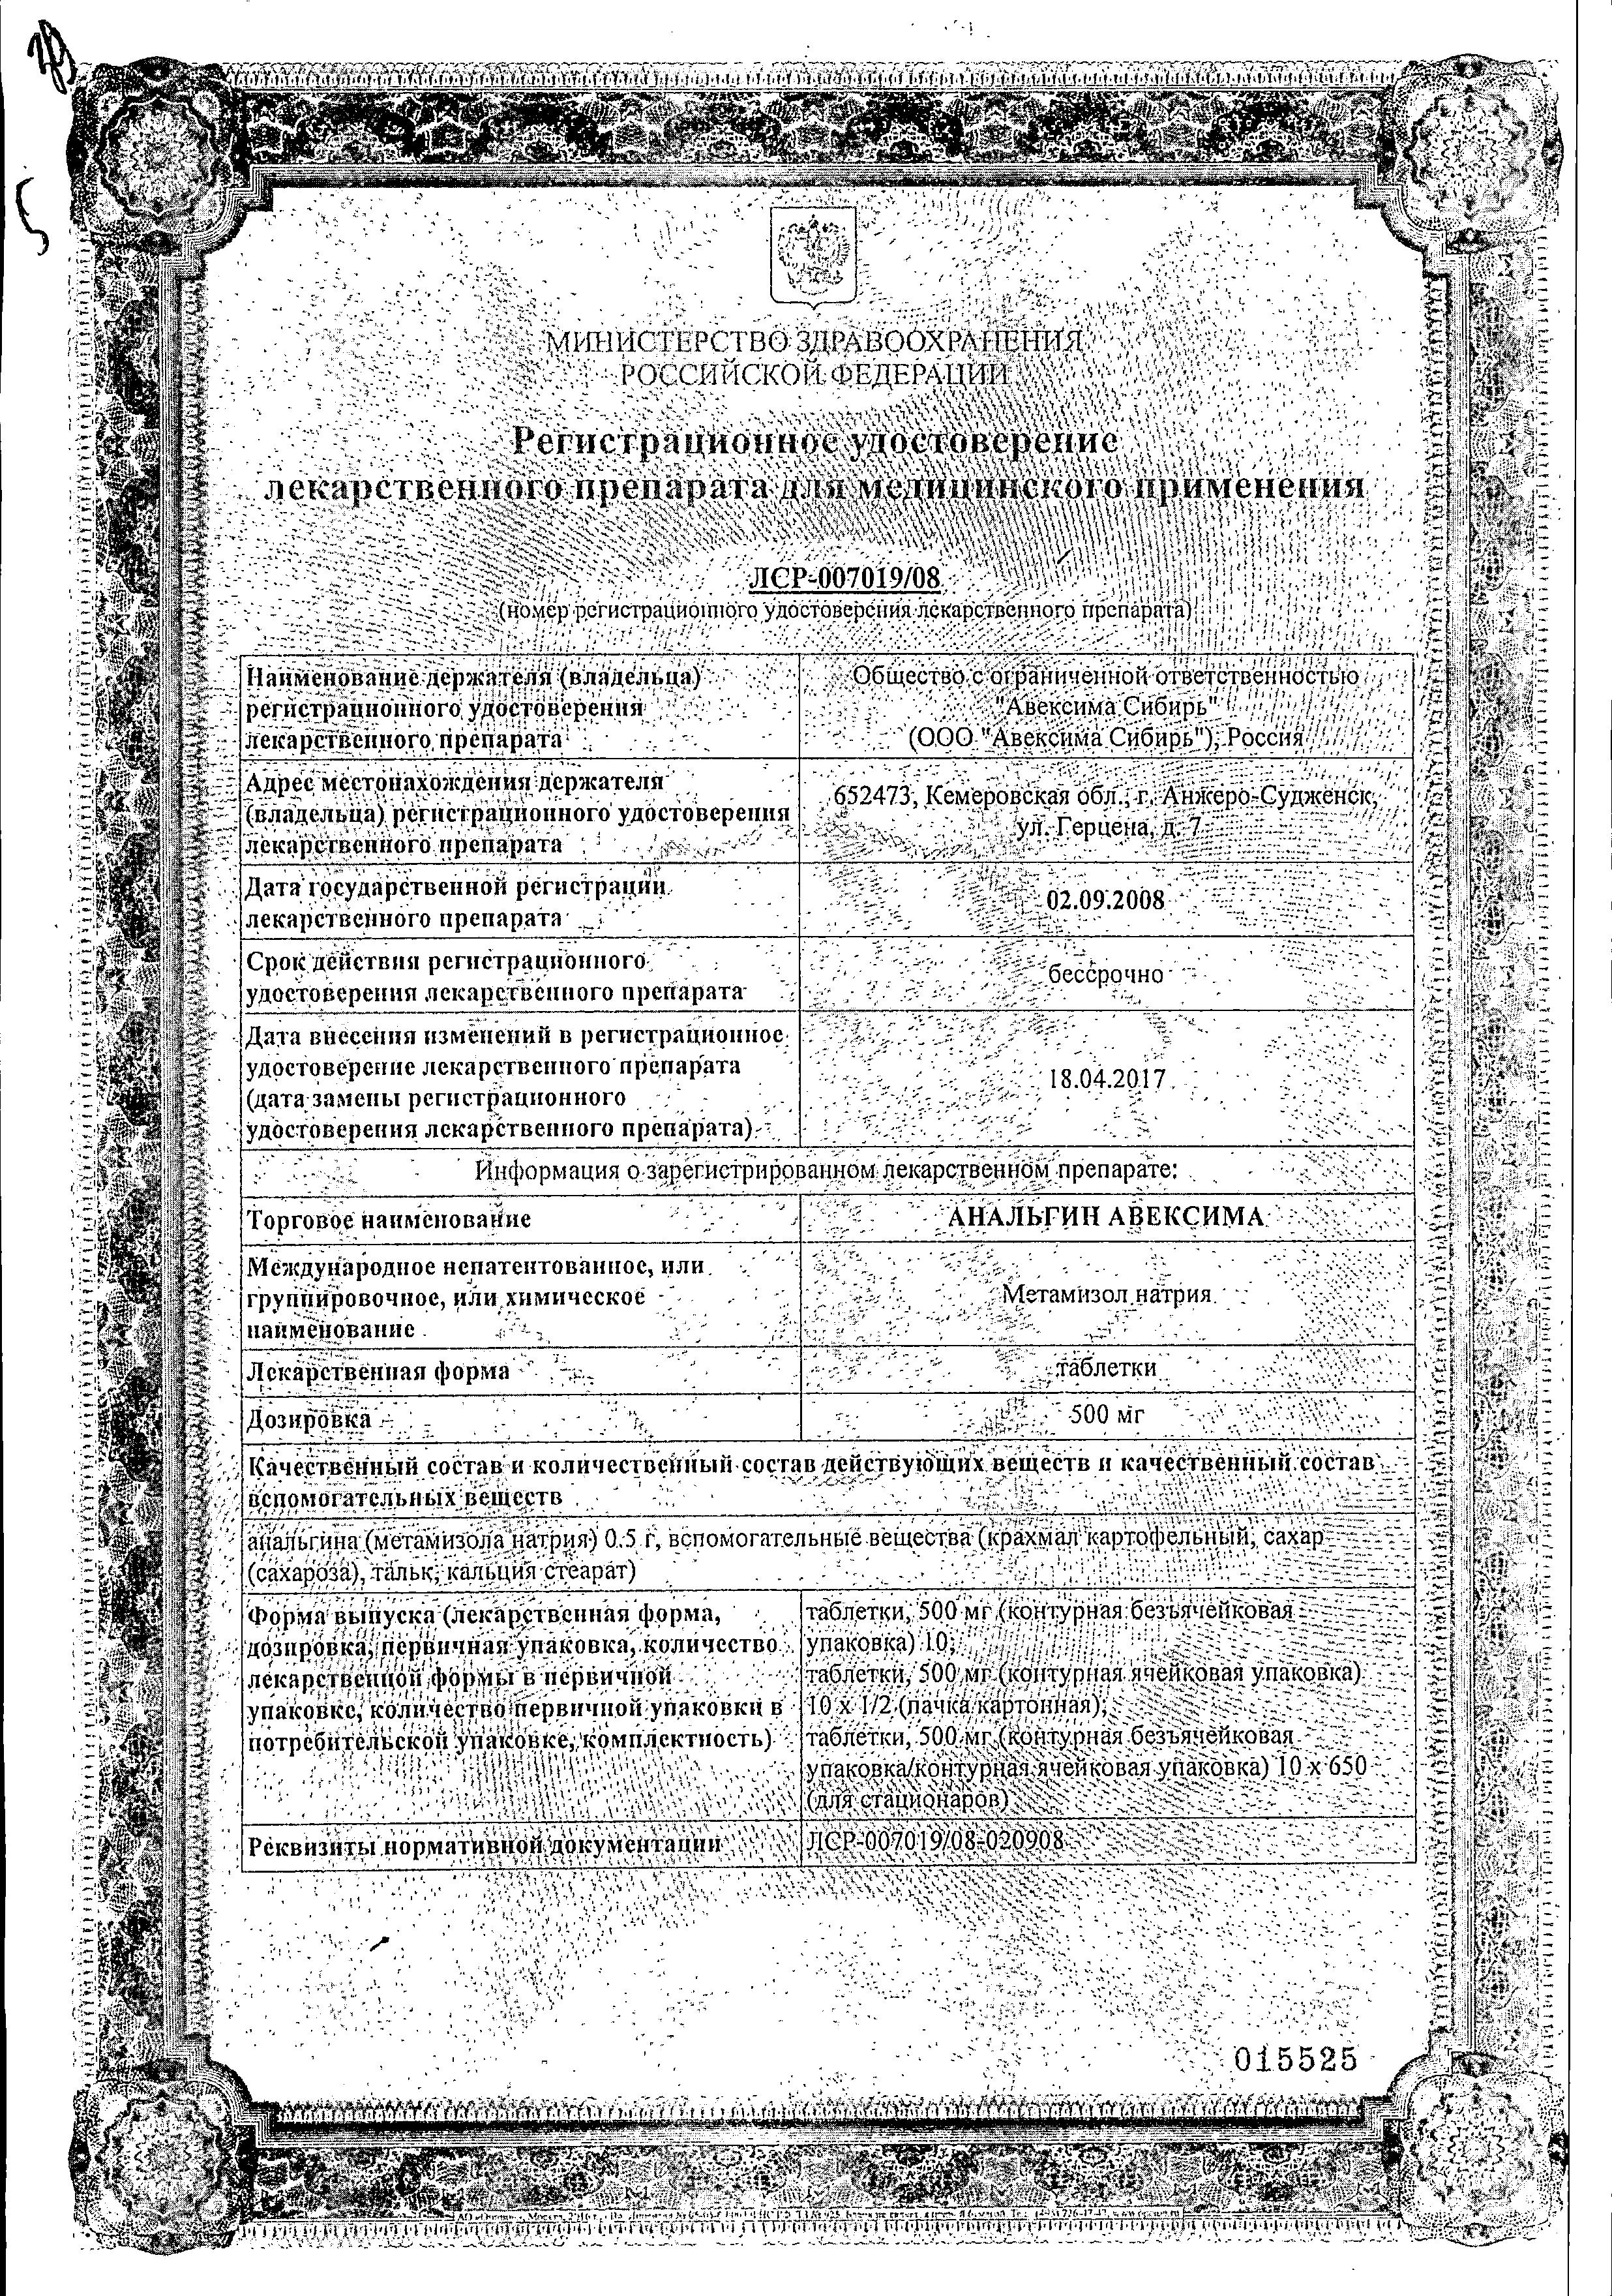 Анальгин Авексима сертификат